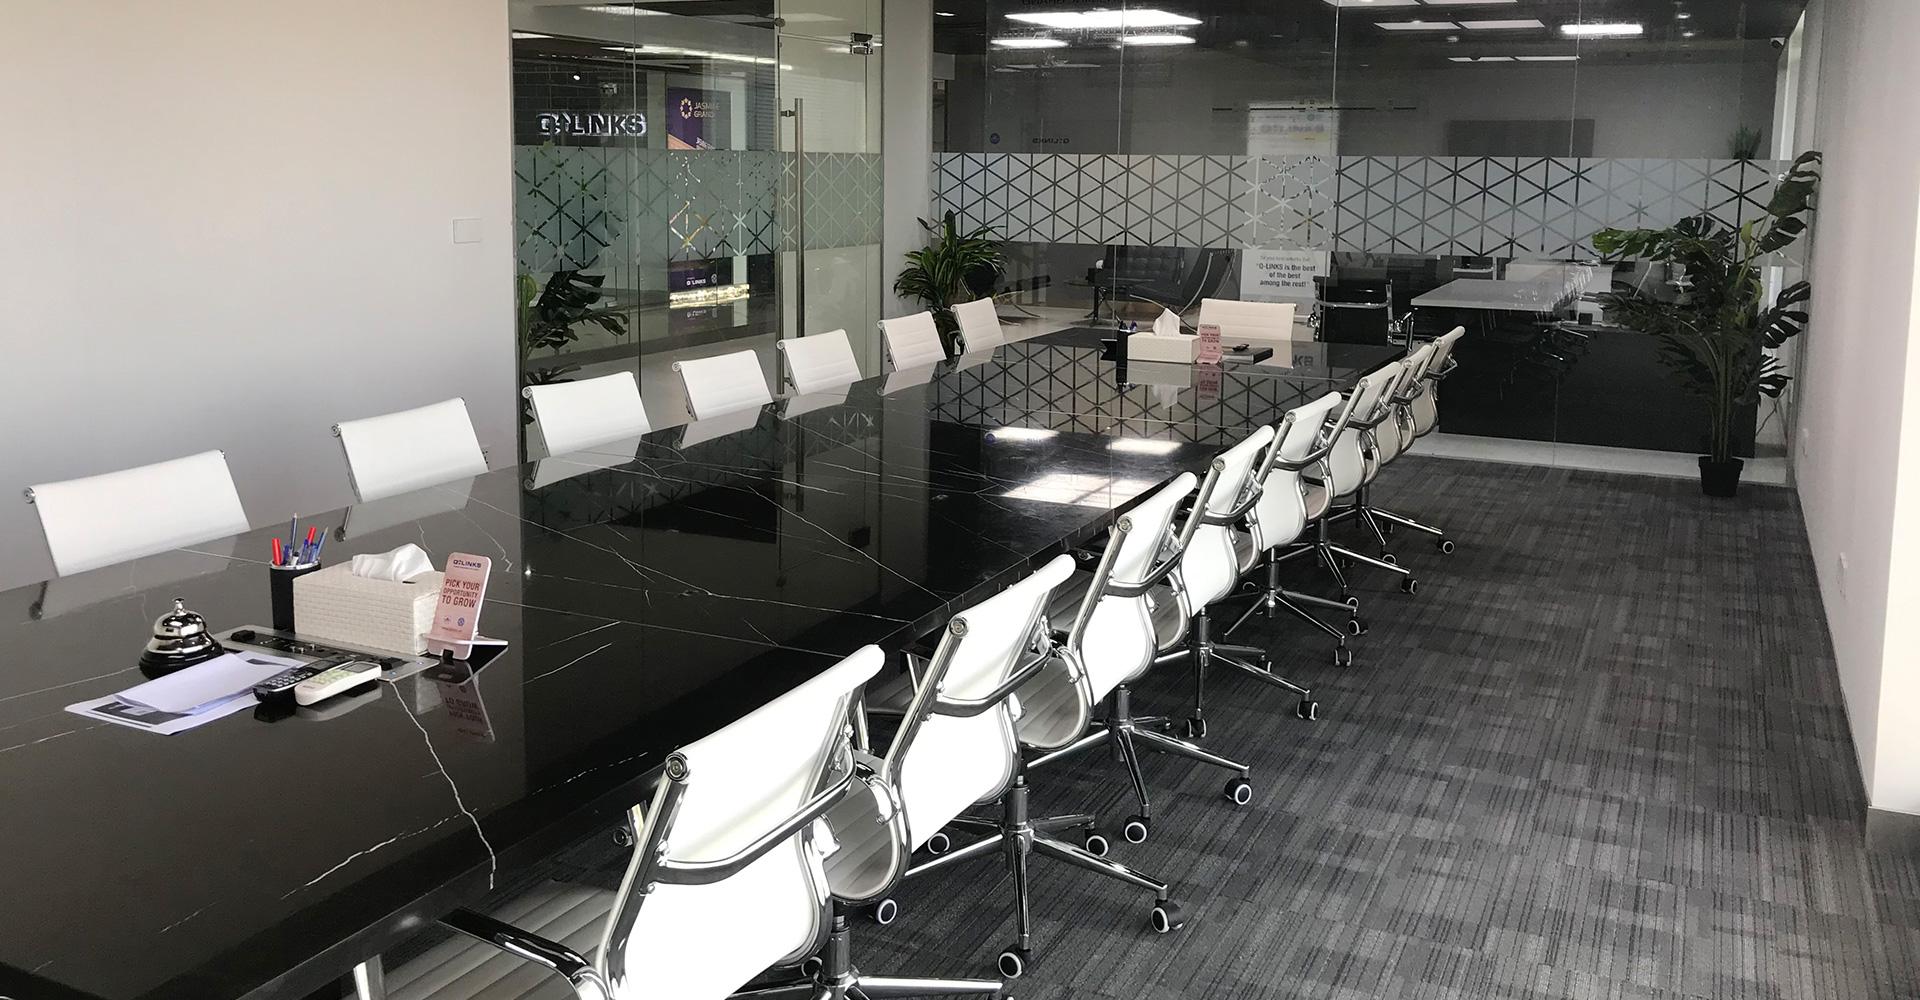 Office-Design-Hiline-Lahore-portfolio-Qlinks-Head-Office-01